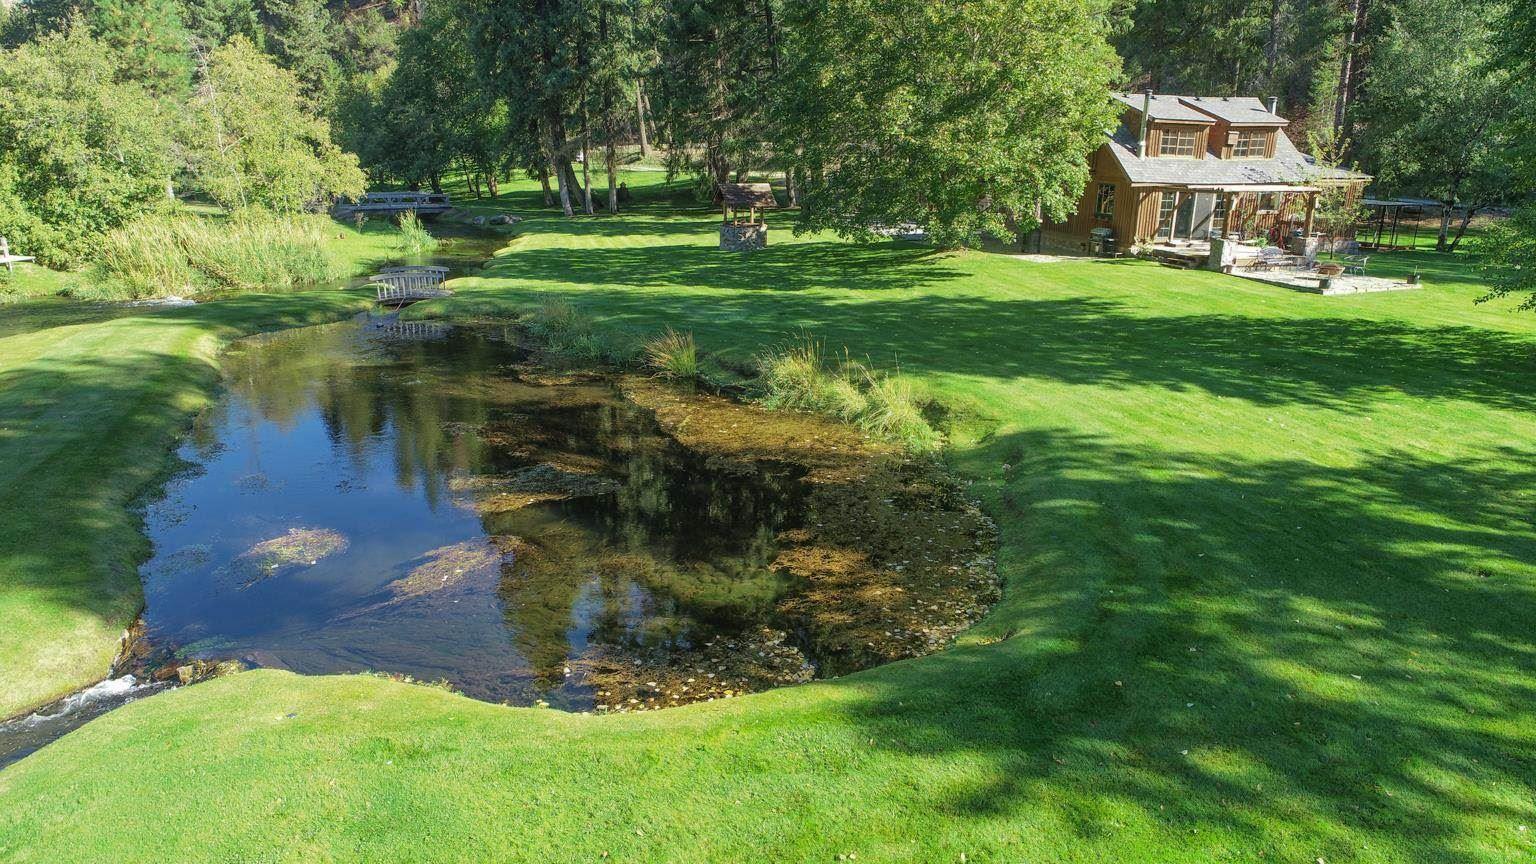 Photo of 301 Little Spokane River Rd, Newport, WA 99156-9999 (MLS # 202122564)